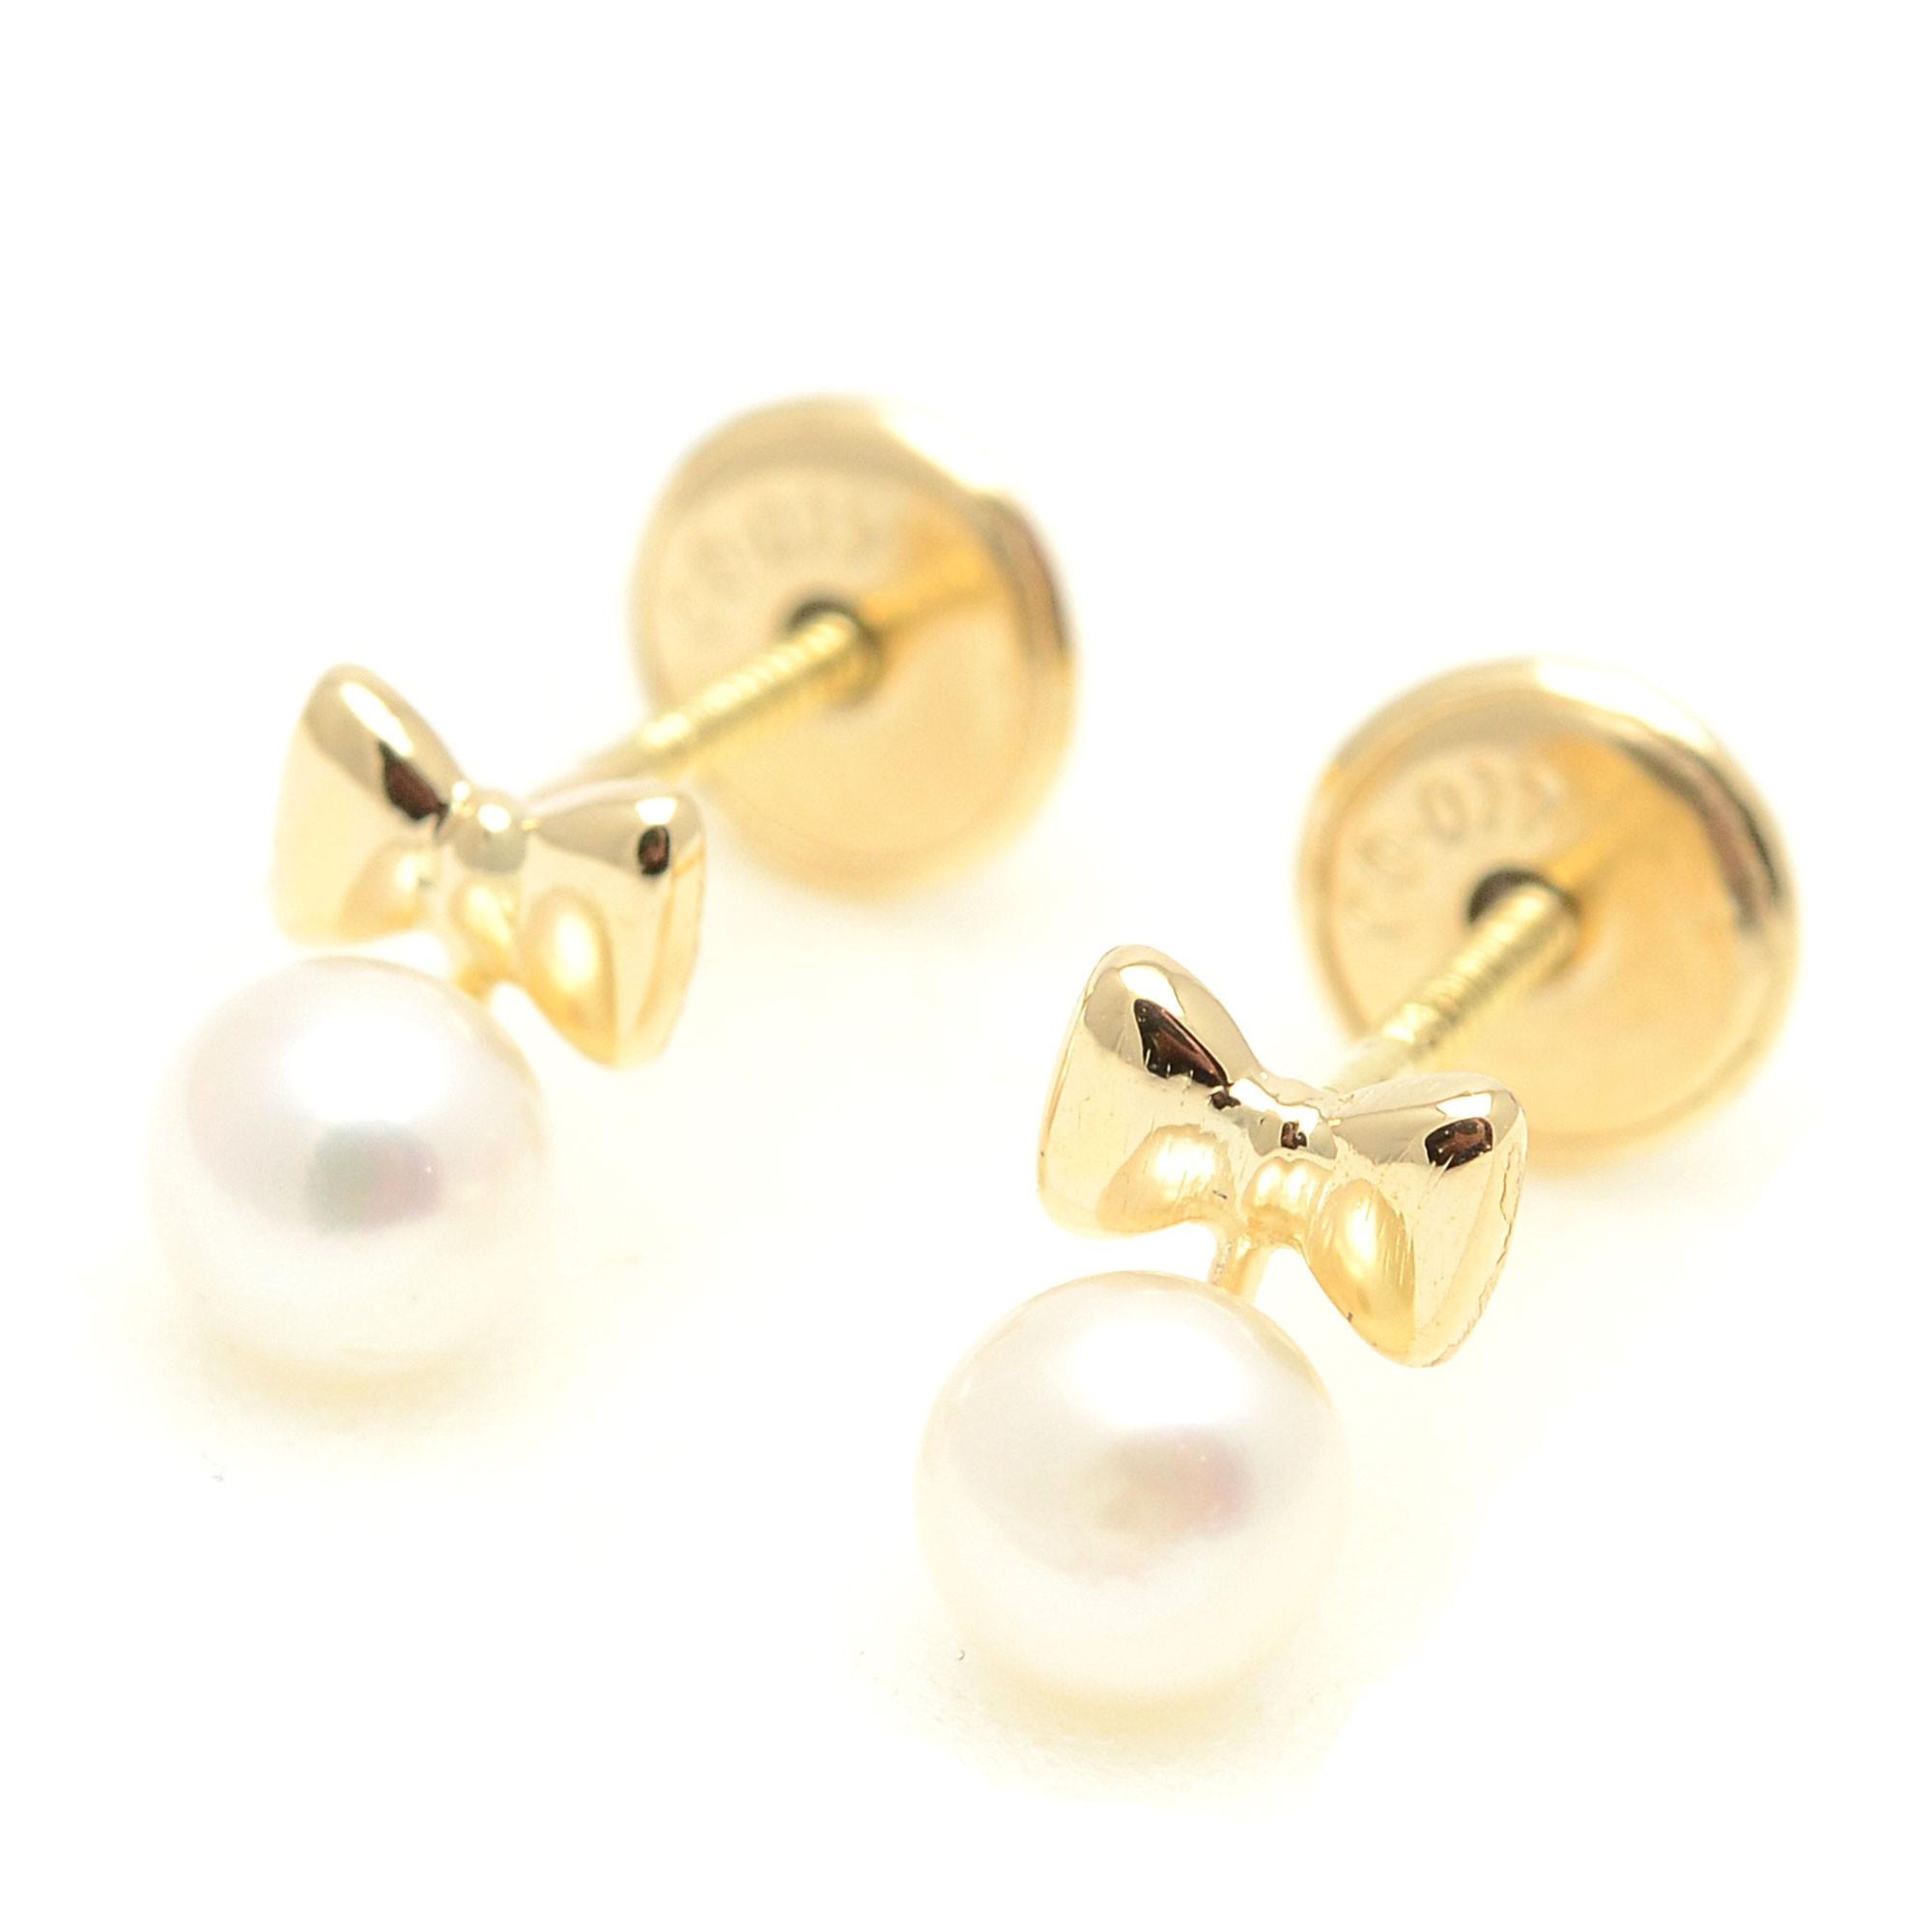 77ce1aa9caea pendientes oro bebe - Los pendientes con forma de animales